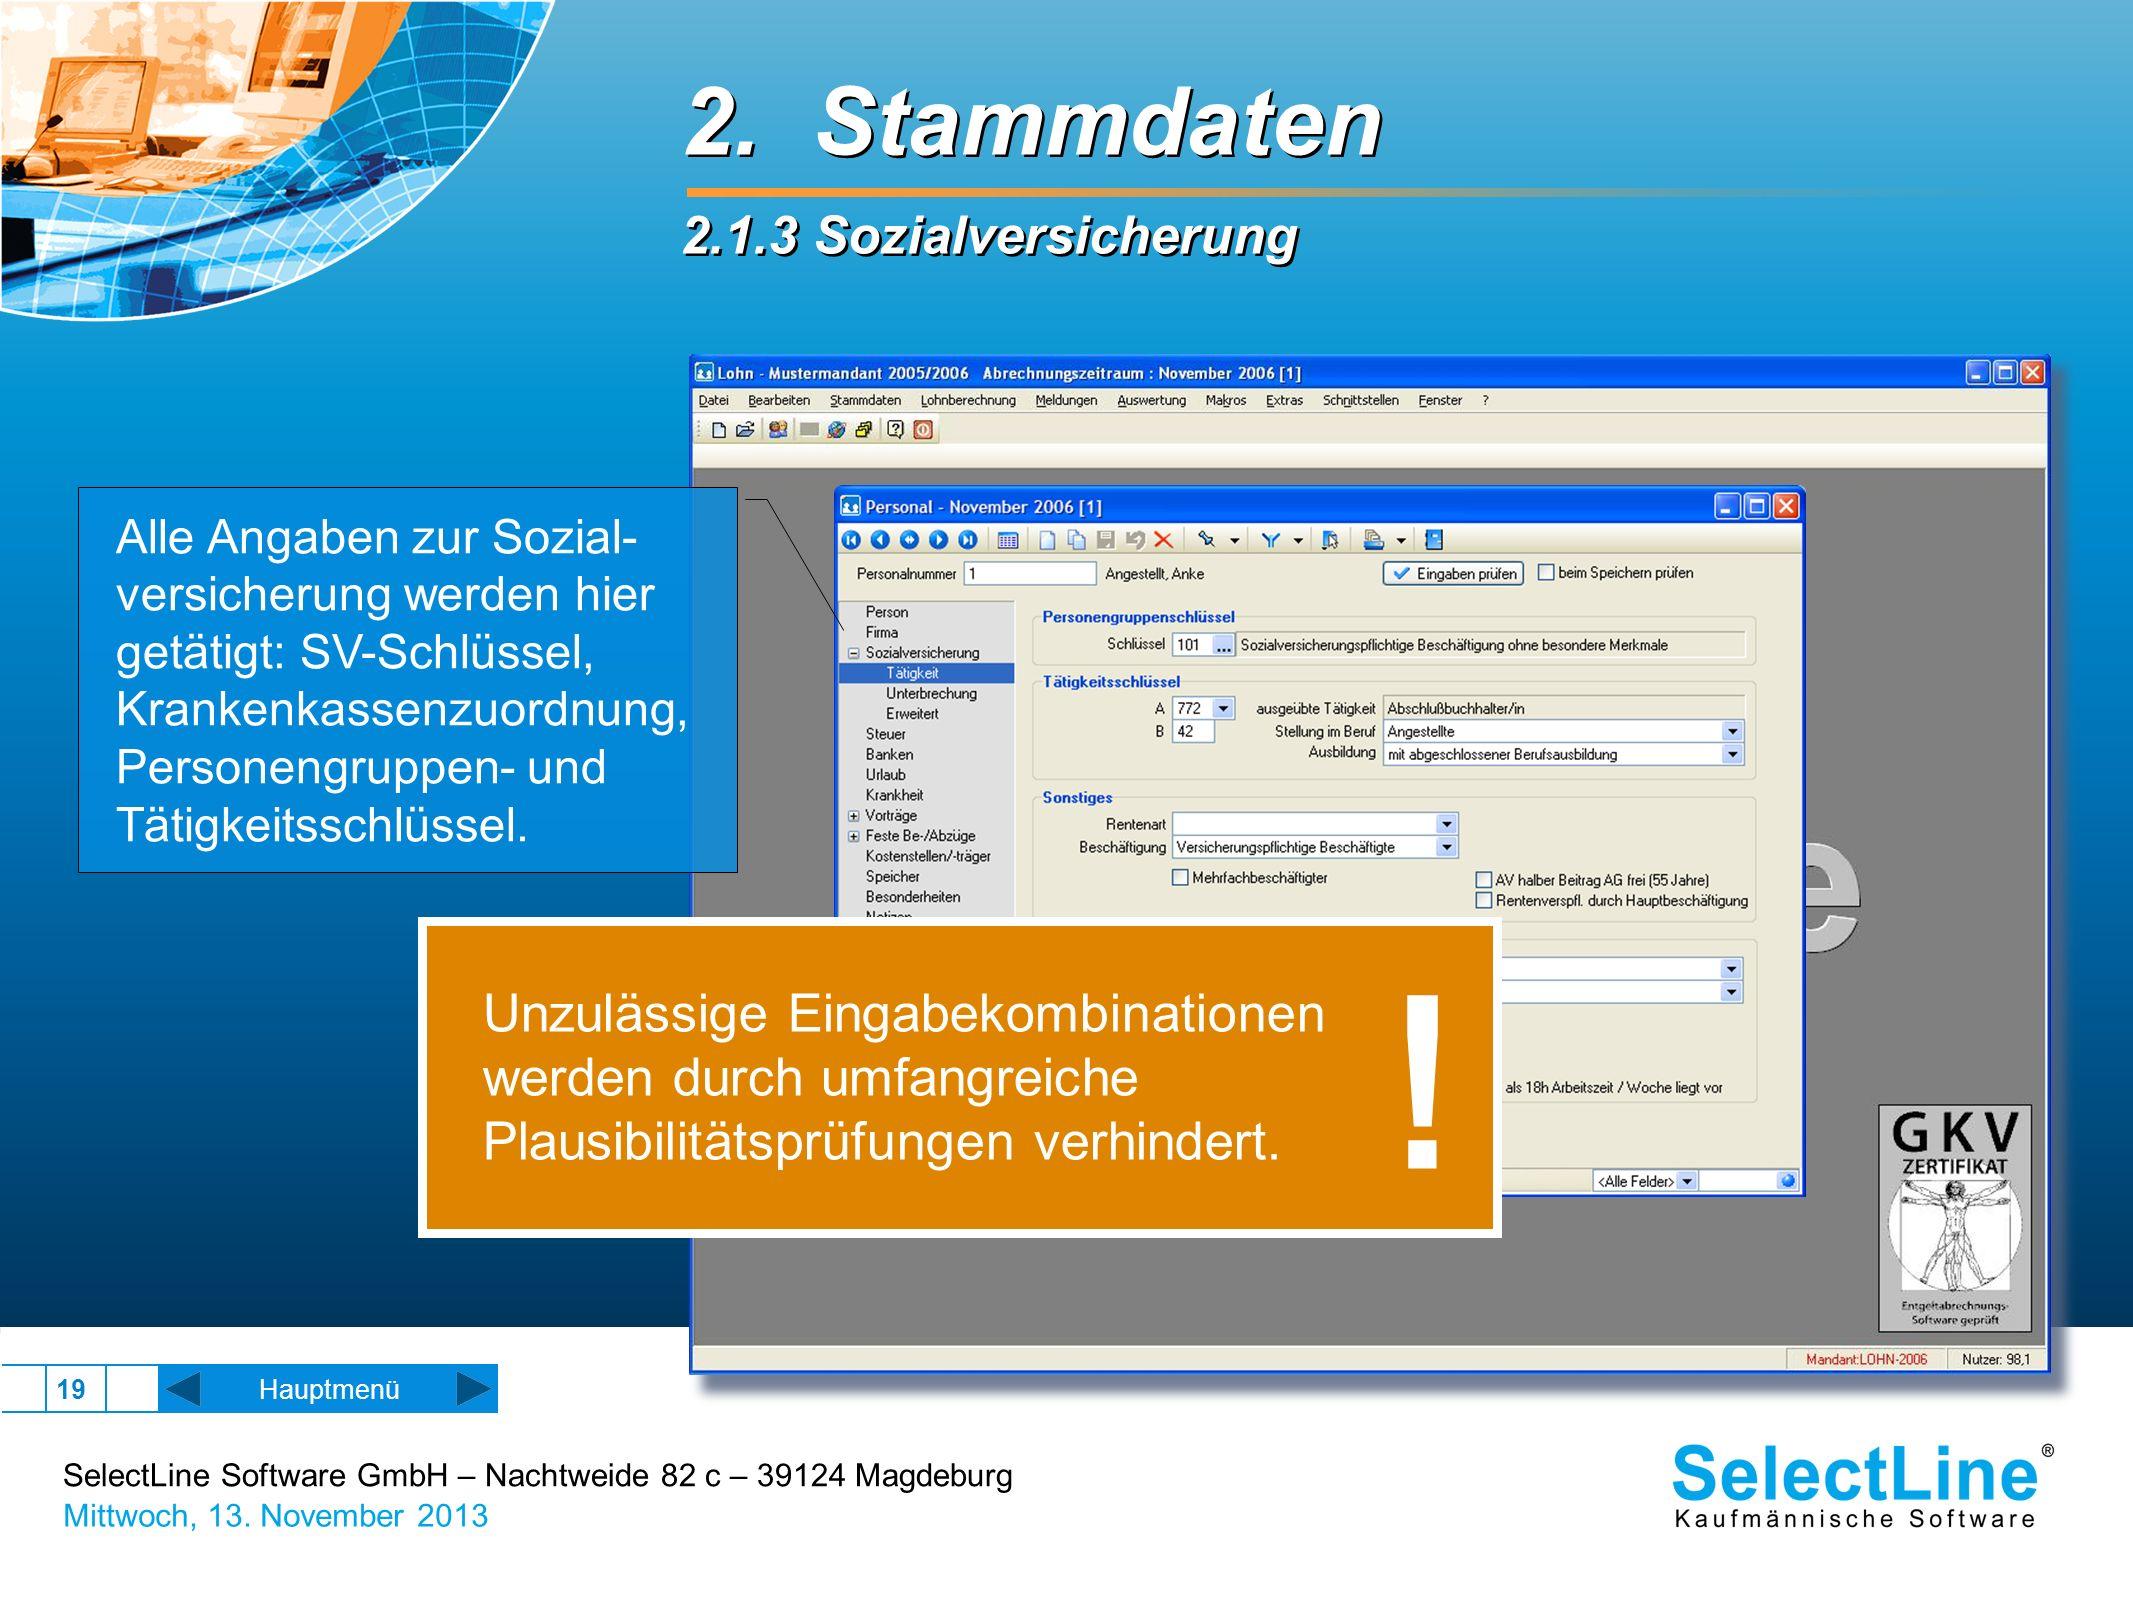 SelectLine Software GmbH – Nachtweide 82 c – 39124 Magdeburg Mittwoch, 13. November 2013 19 2. Stammdaten 2.1.3 Sozialversicherung 2. Stammdaten 2.1.3